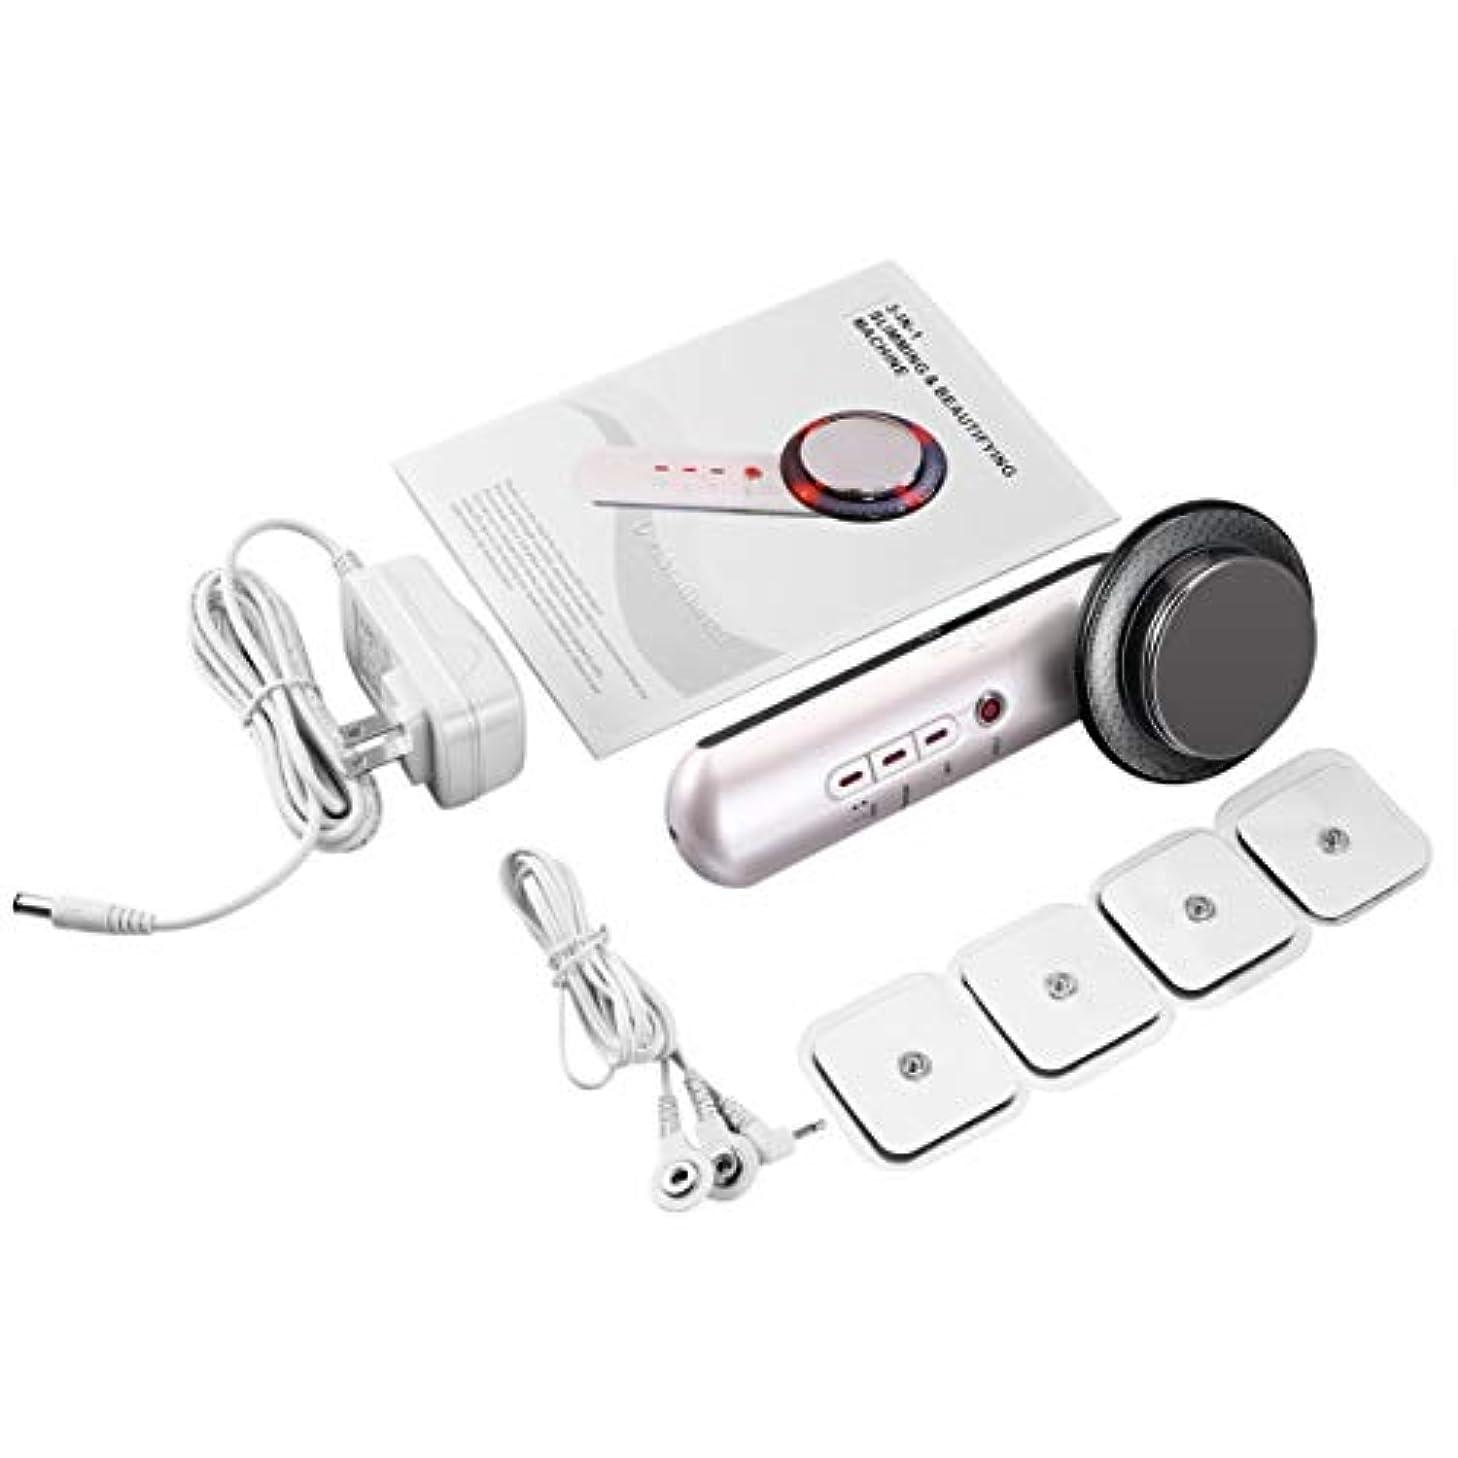 レール無効指標狂信者の超音波ボディ細くのマッサージャーの反セルライトの赤外線療法のマッサージ用具